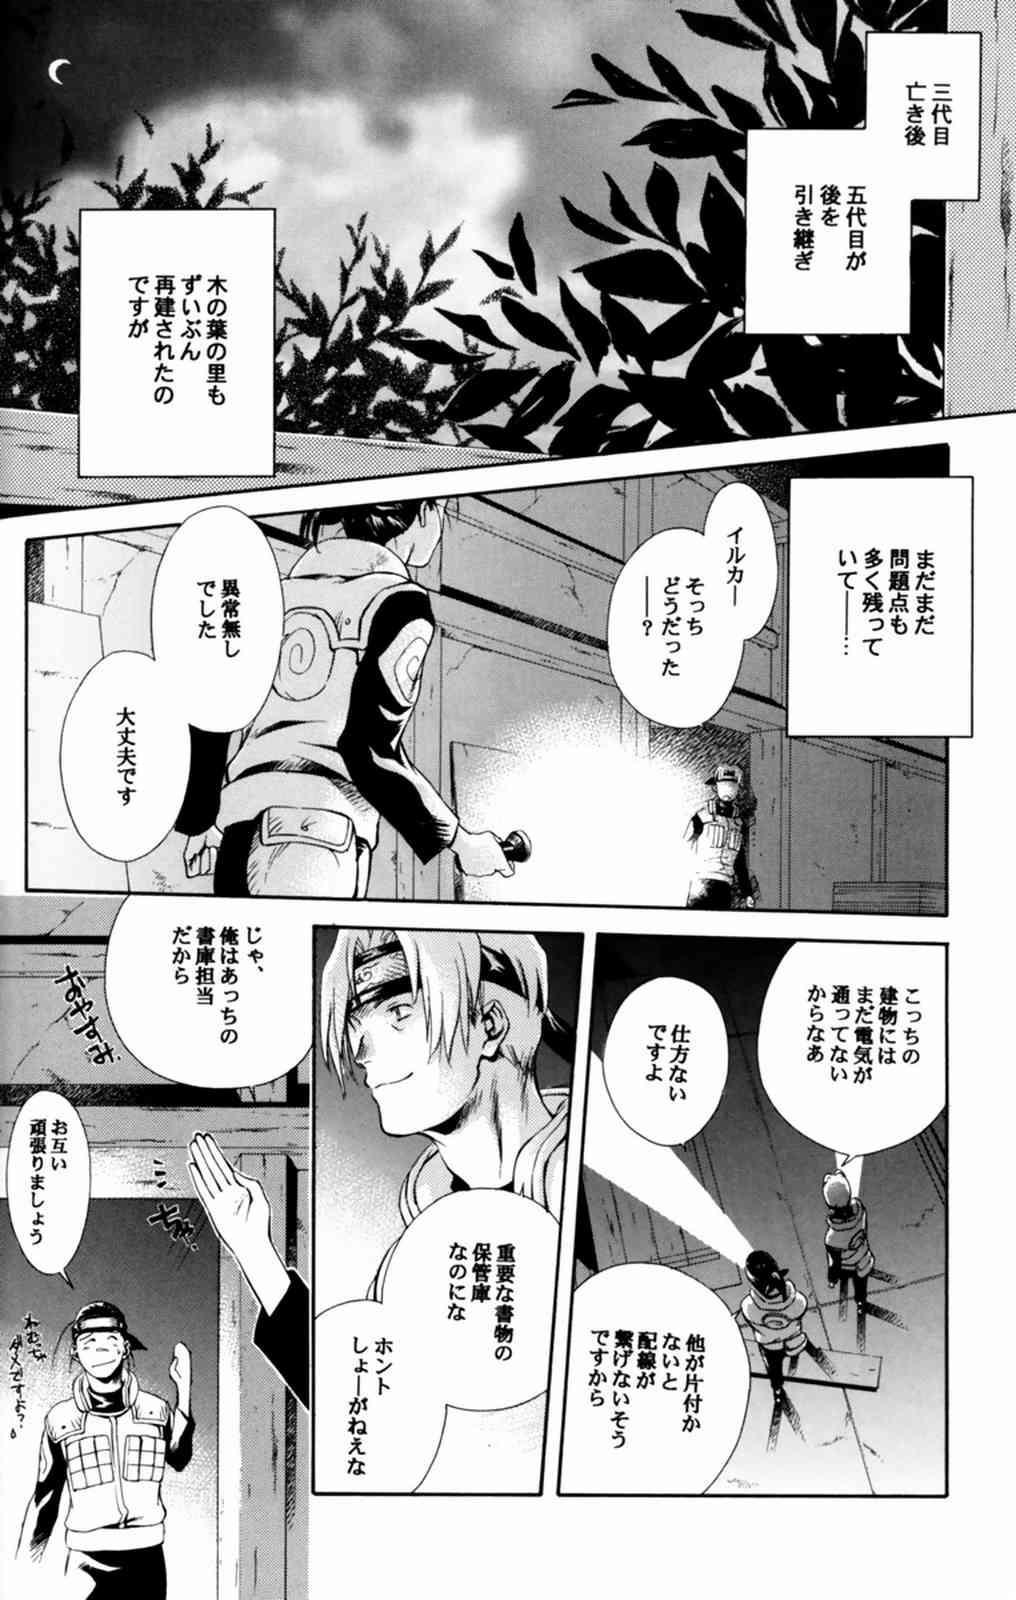 Kyouikuron Go 5